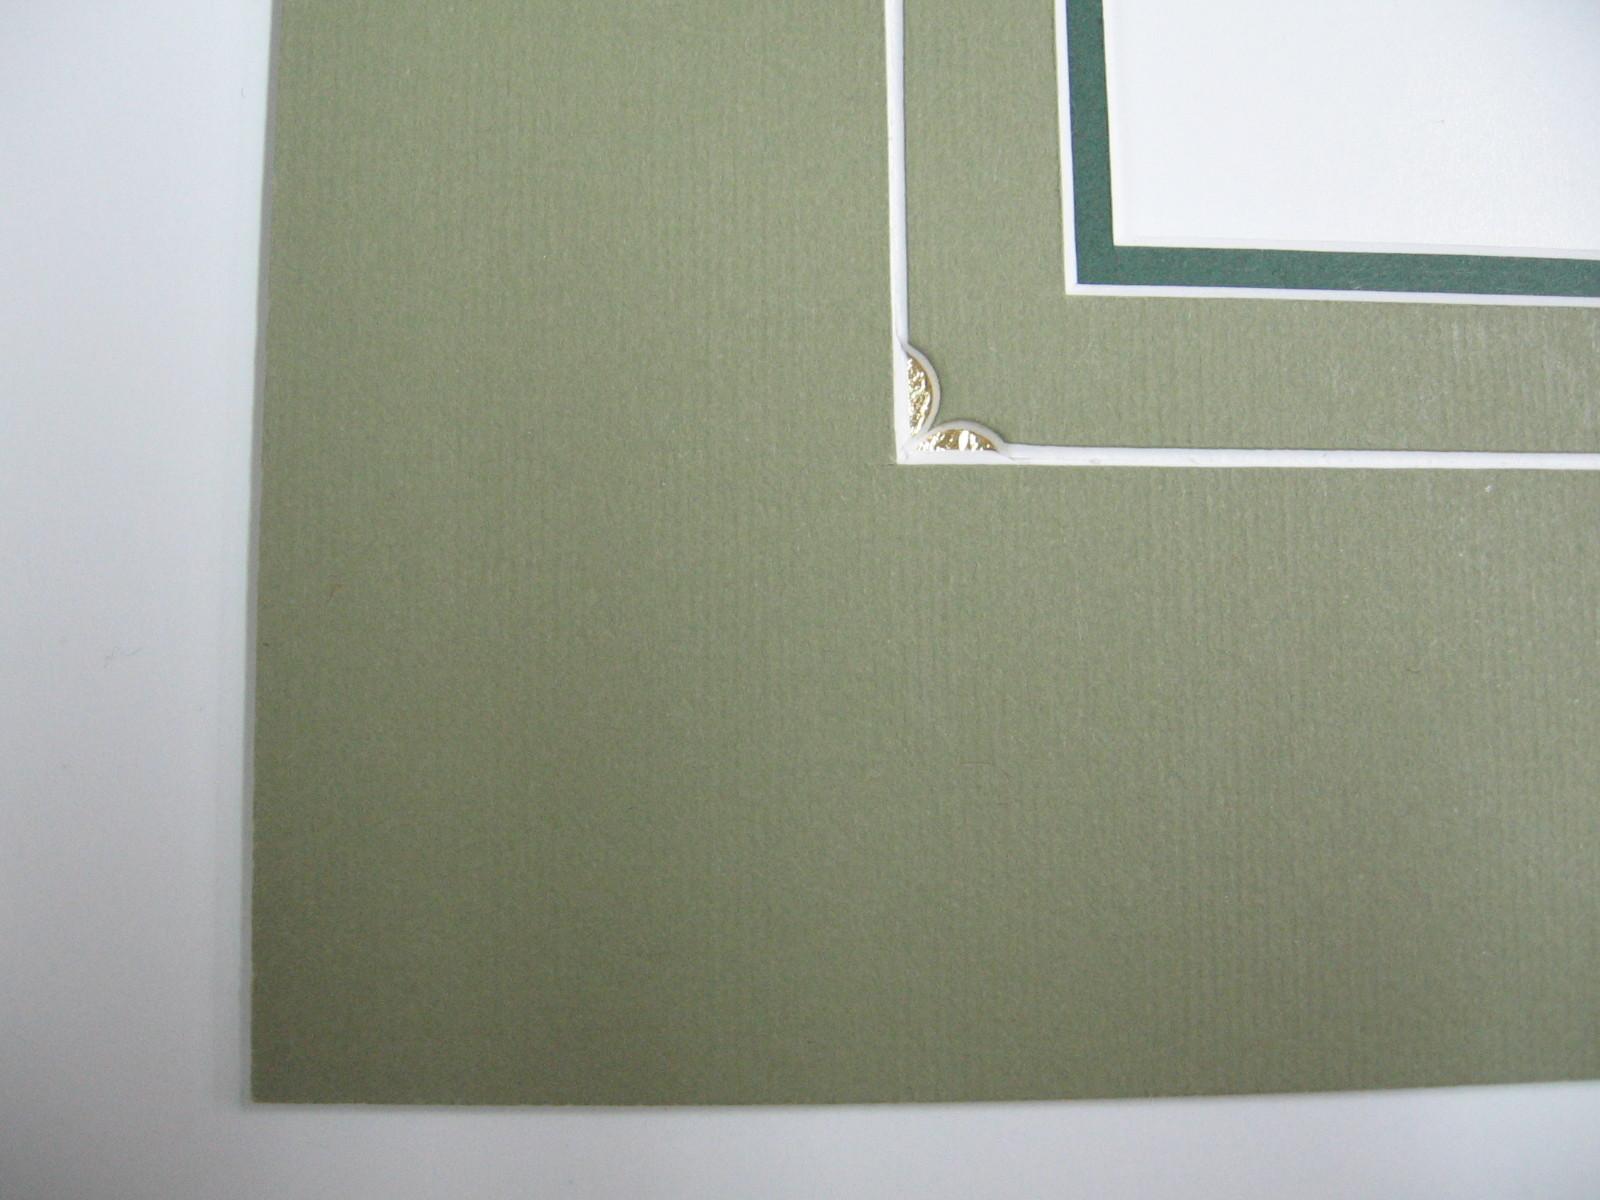 Particolare di un passepartout intagliato ed inciso, l'intaglio è finito con della foglia oro.